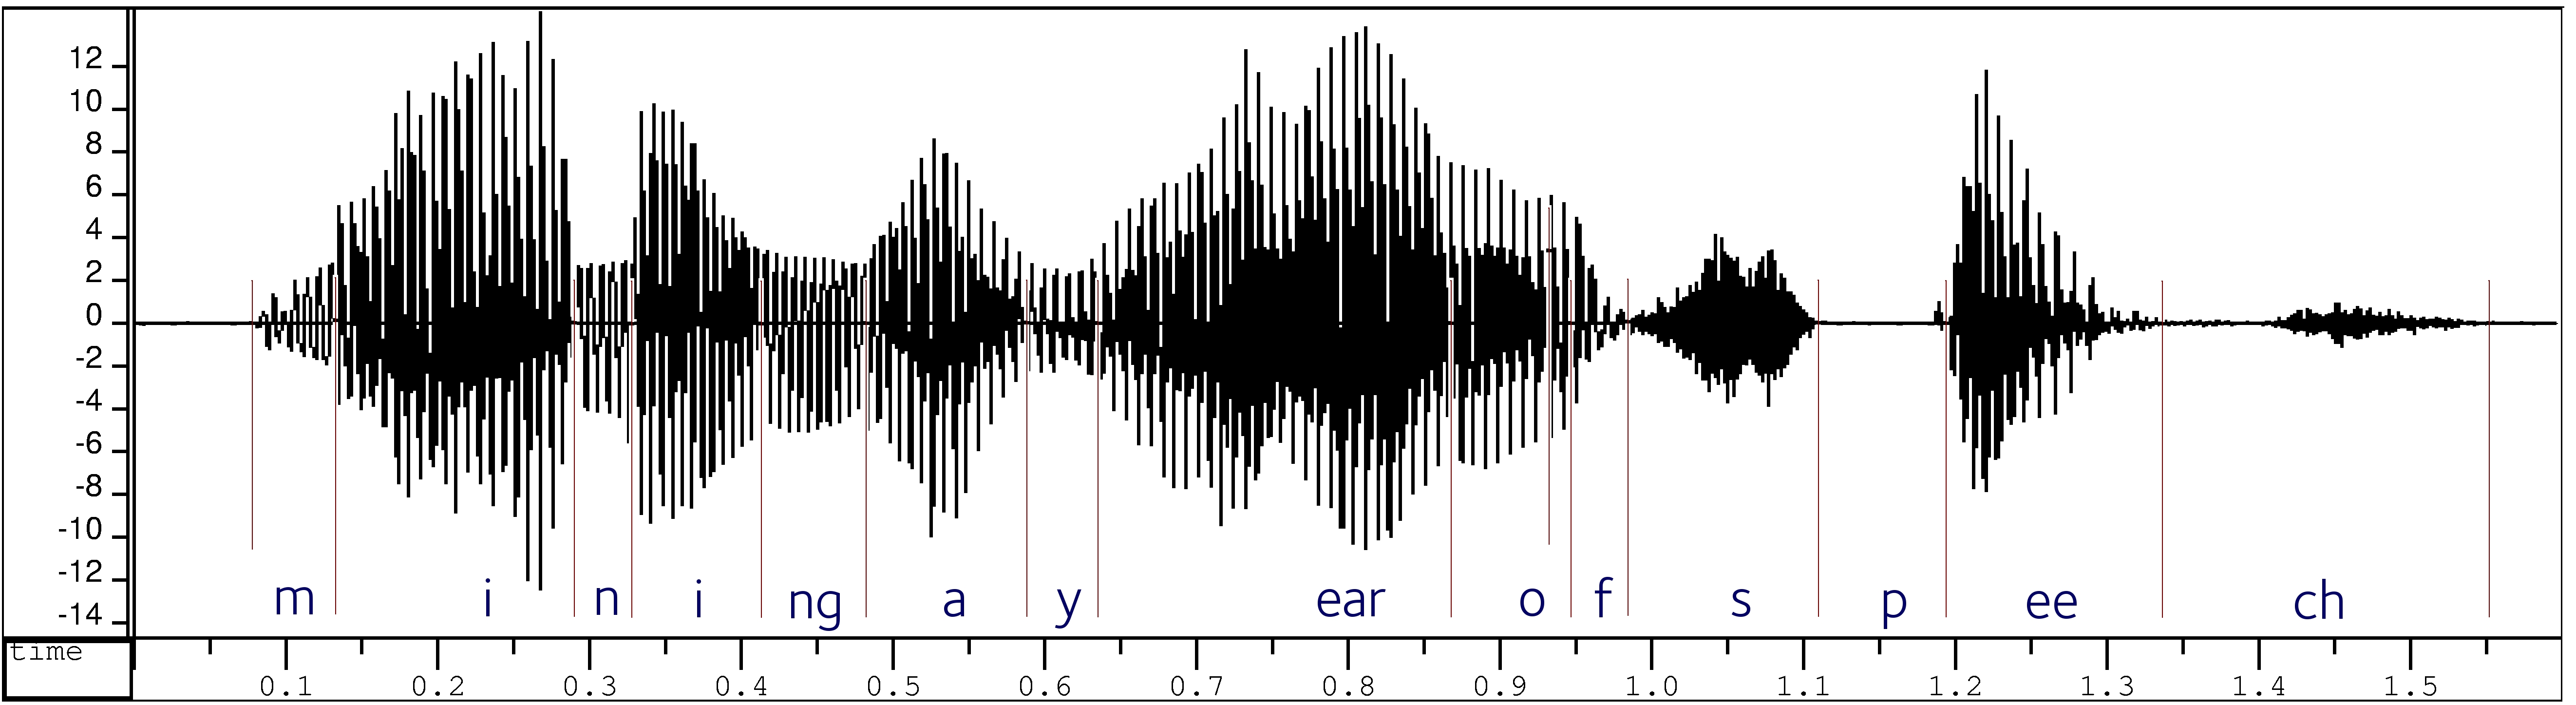 47fce386beb Korean Single Speaker Speech Dataset | Kaggle